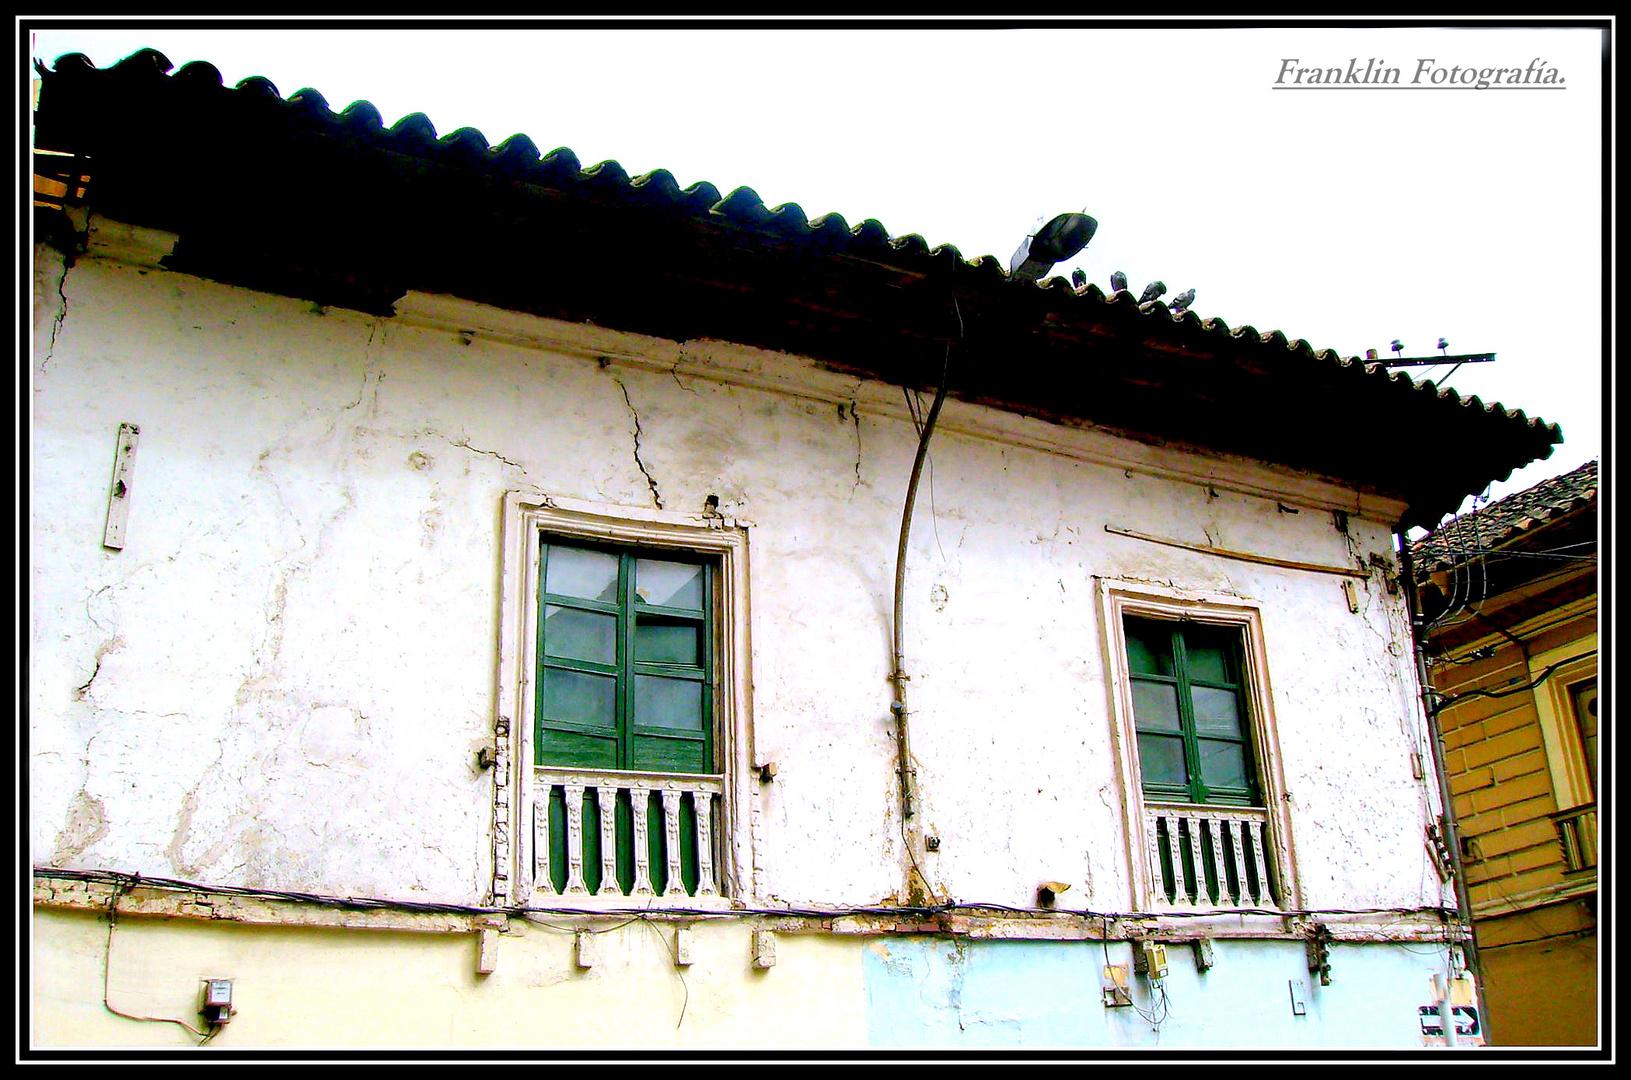 Casa vieja en San Juan de Pasto.